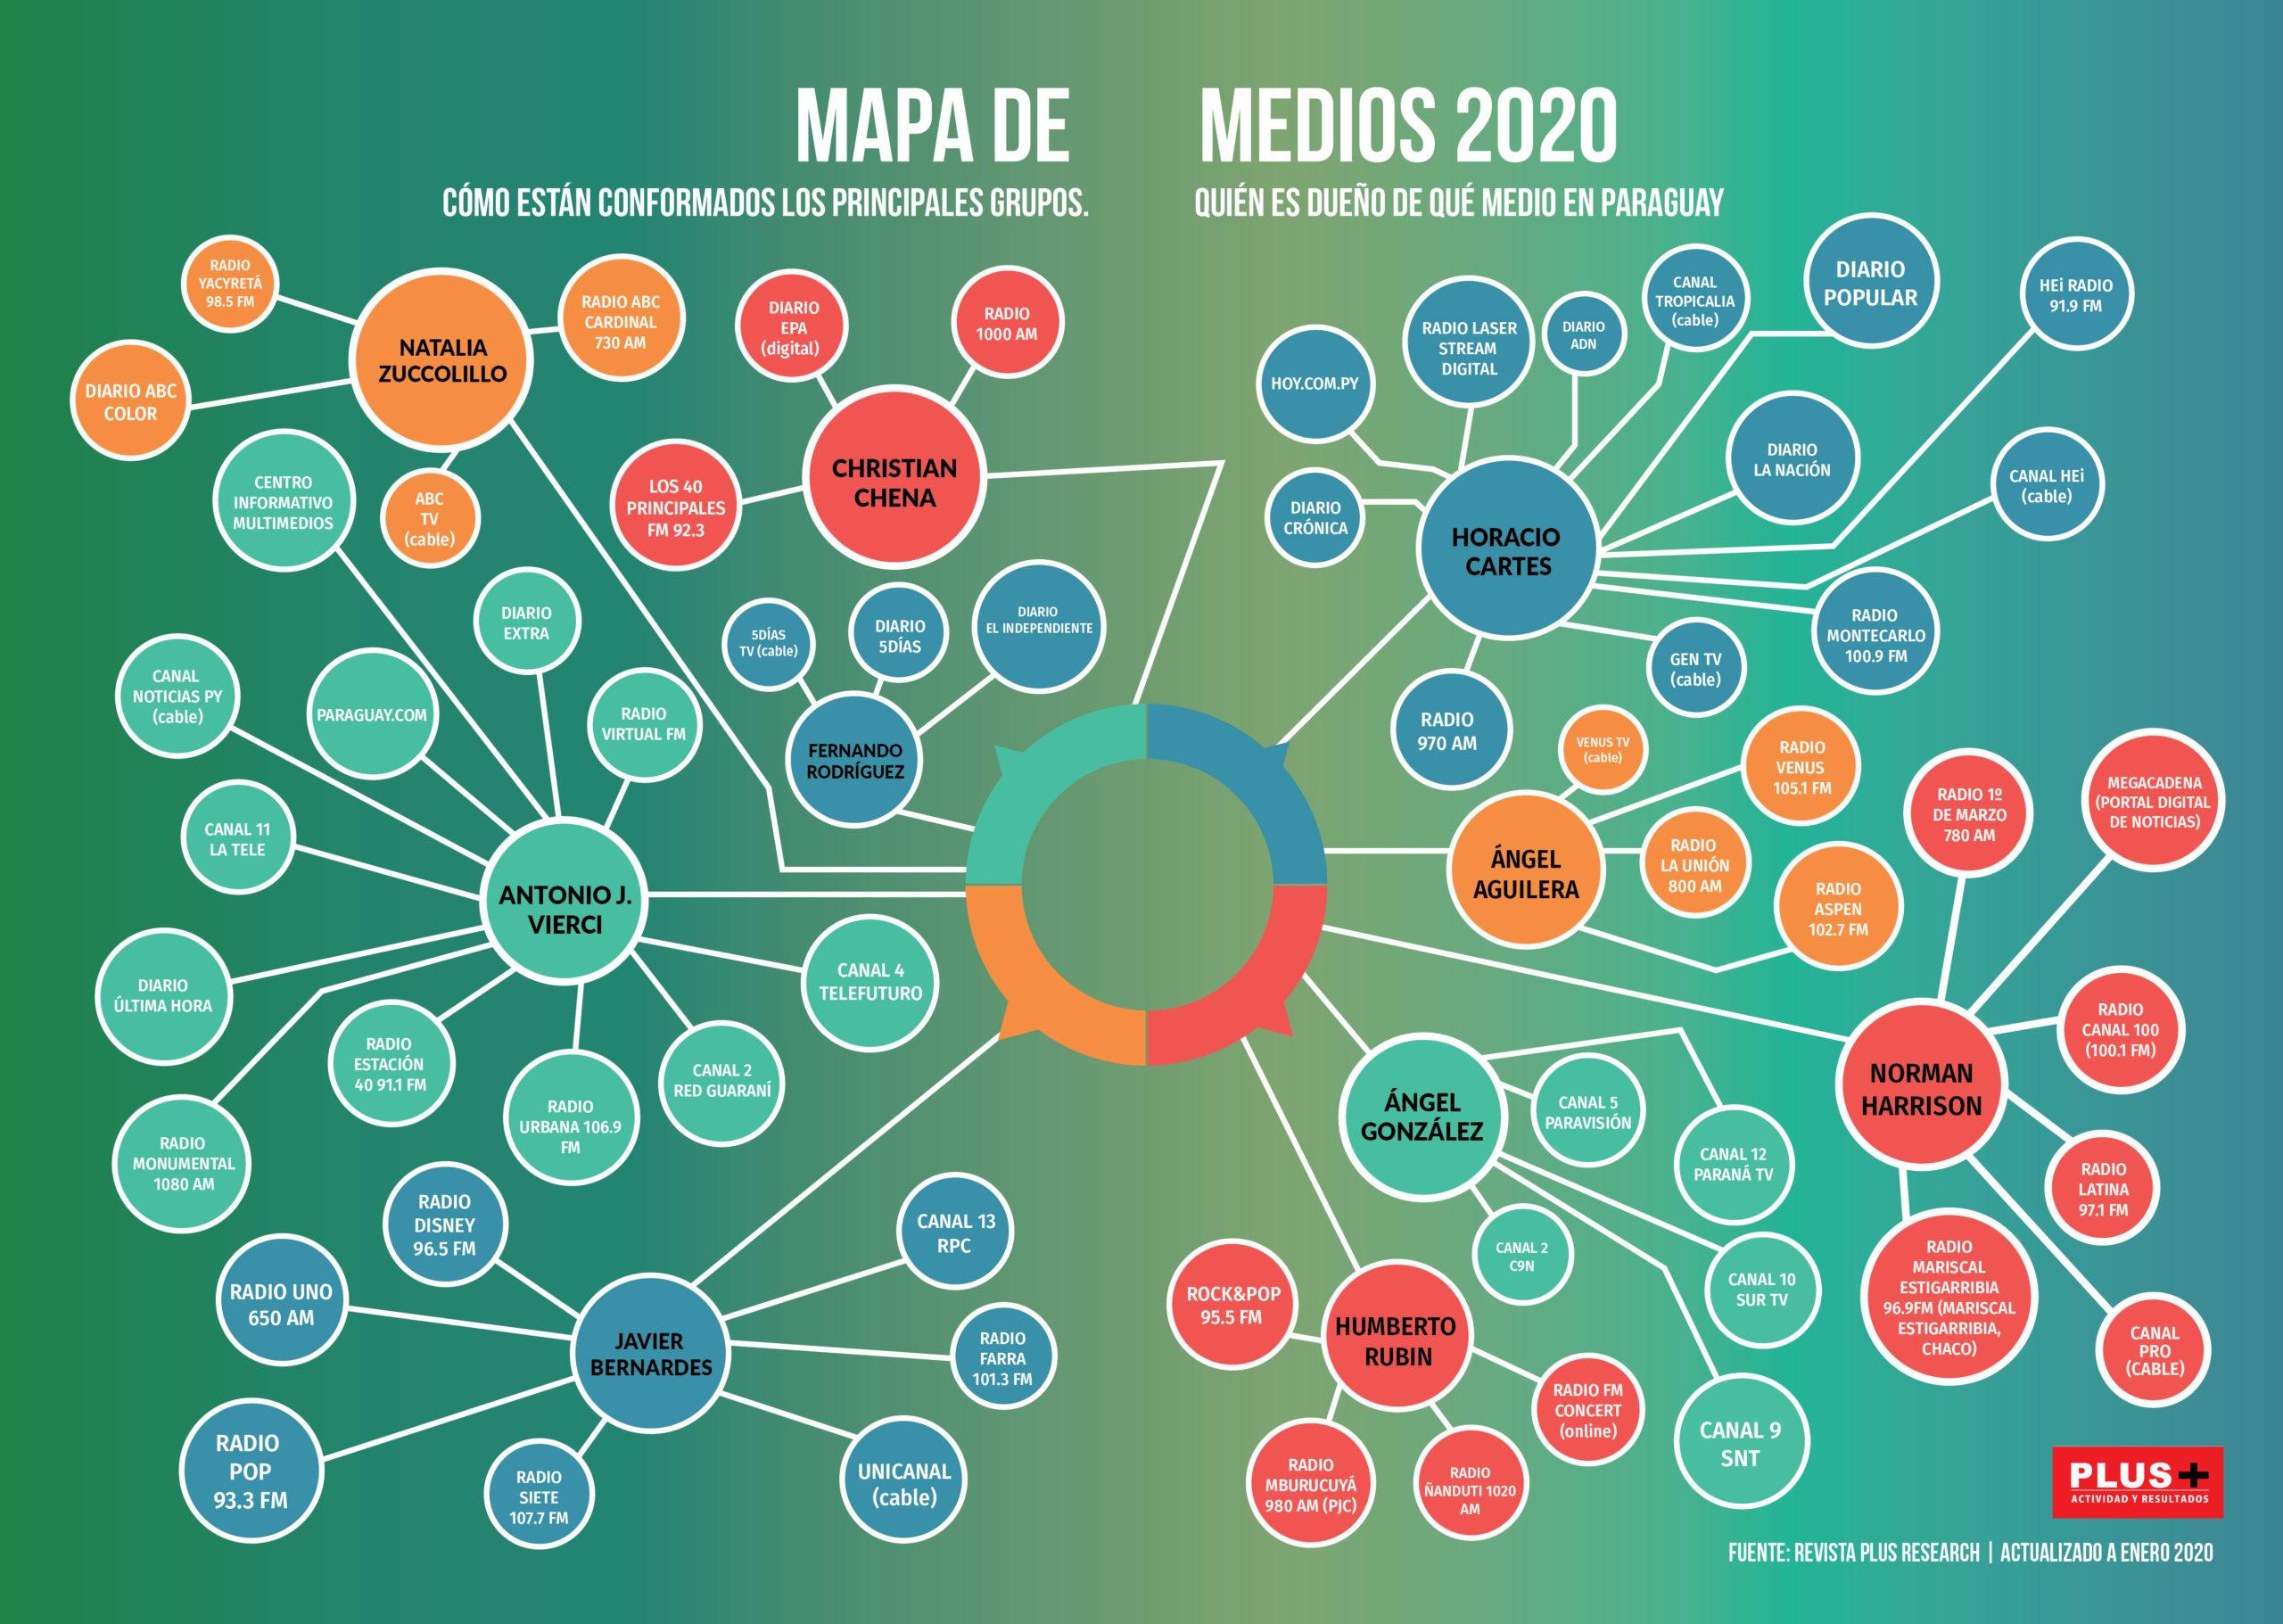 https://www.revistaplus.com.py/wp-content/uploads/2020/01/MAPA-DE-MEDIOS-2018-DICIEMBRE-01-scaled.jpg